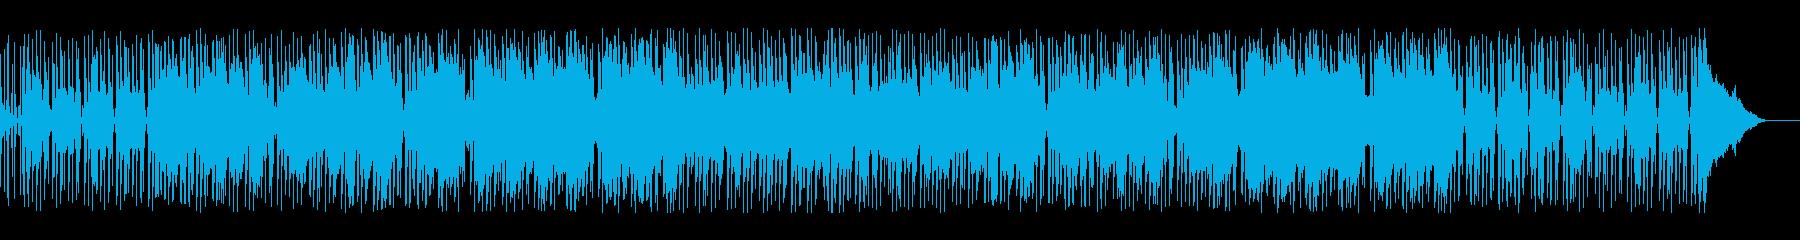 まったりムーディーなレゲエ系ポップスの再生済みの波形